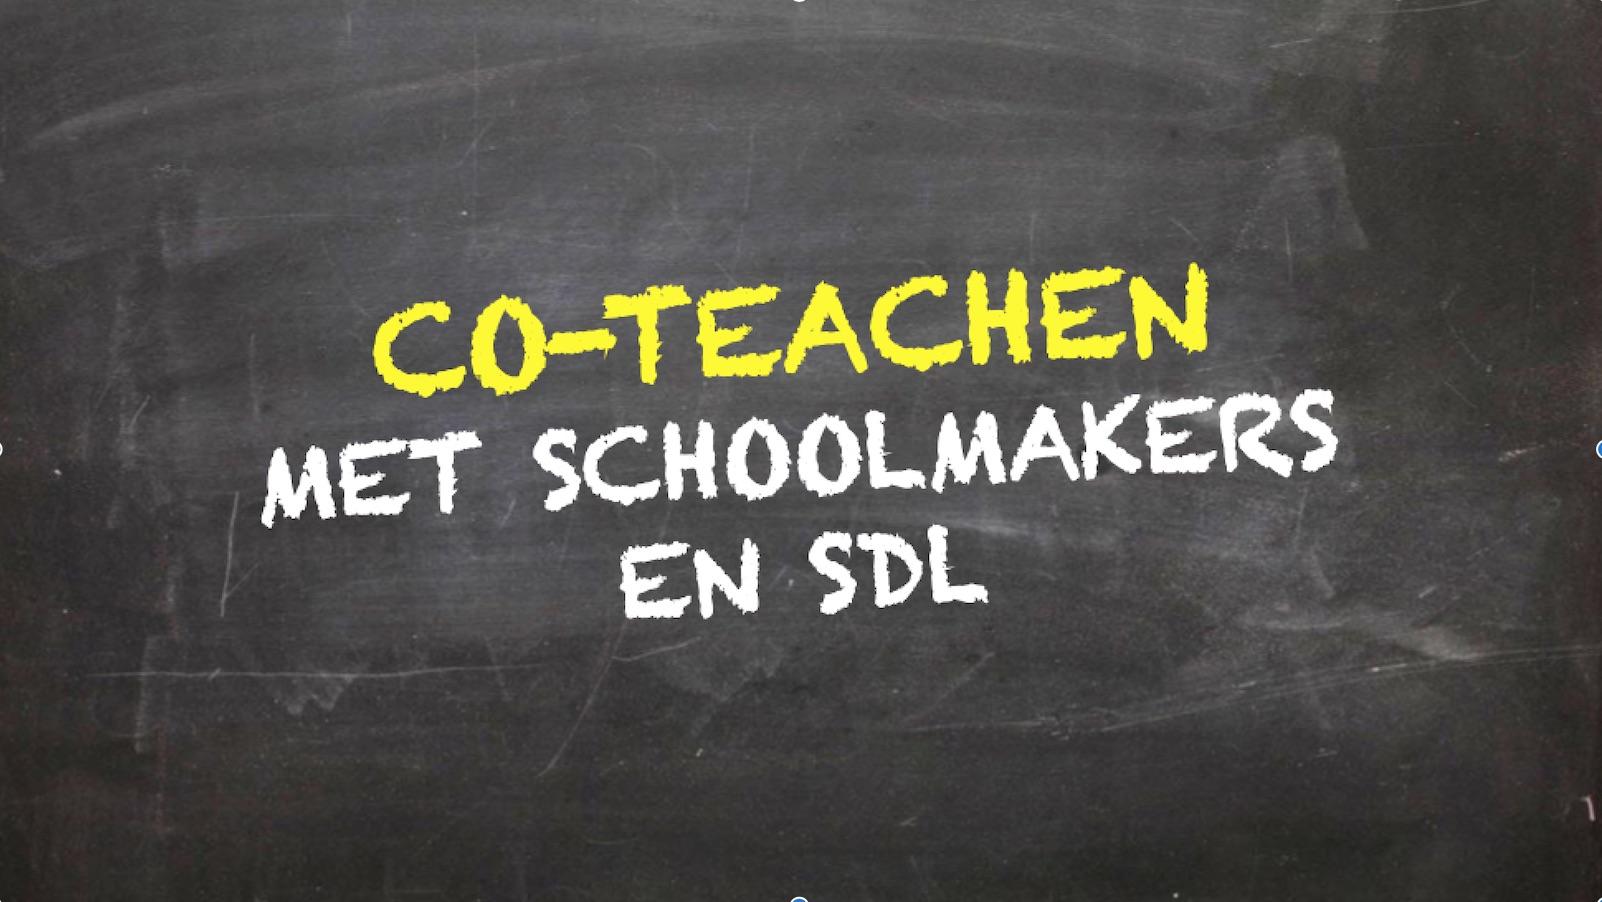 Coteaching als onderwijsarrangement  Passend onderwijs